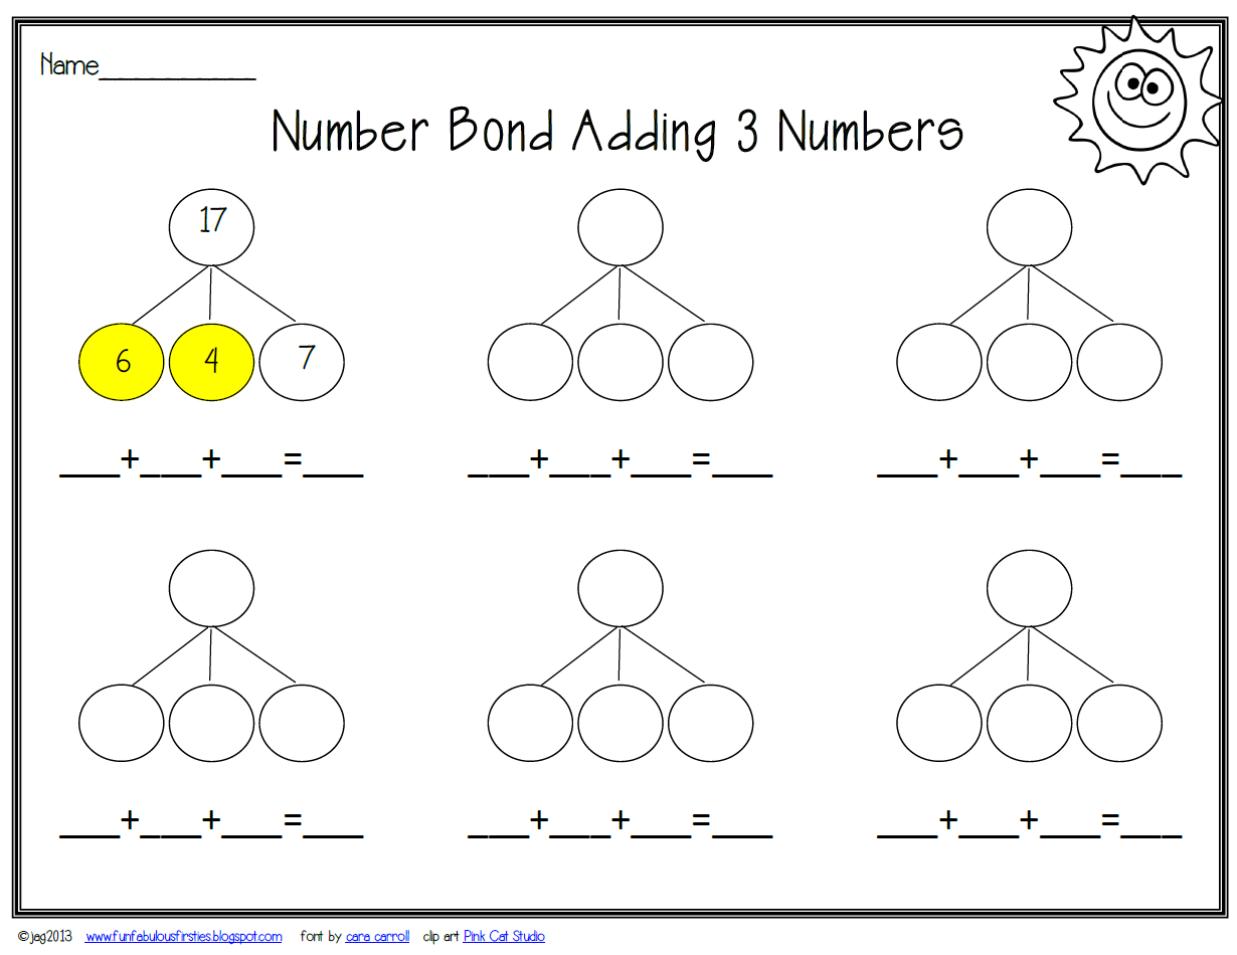 Bonds Sheets Images